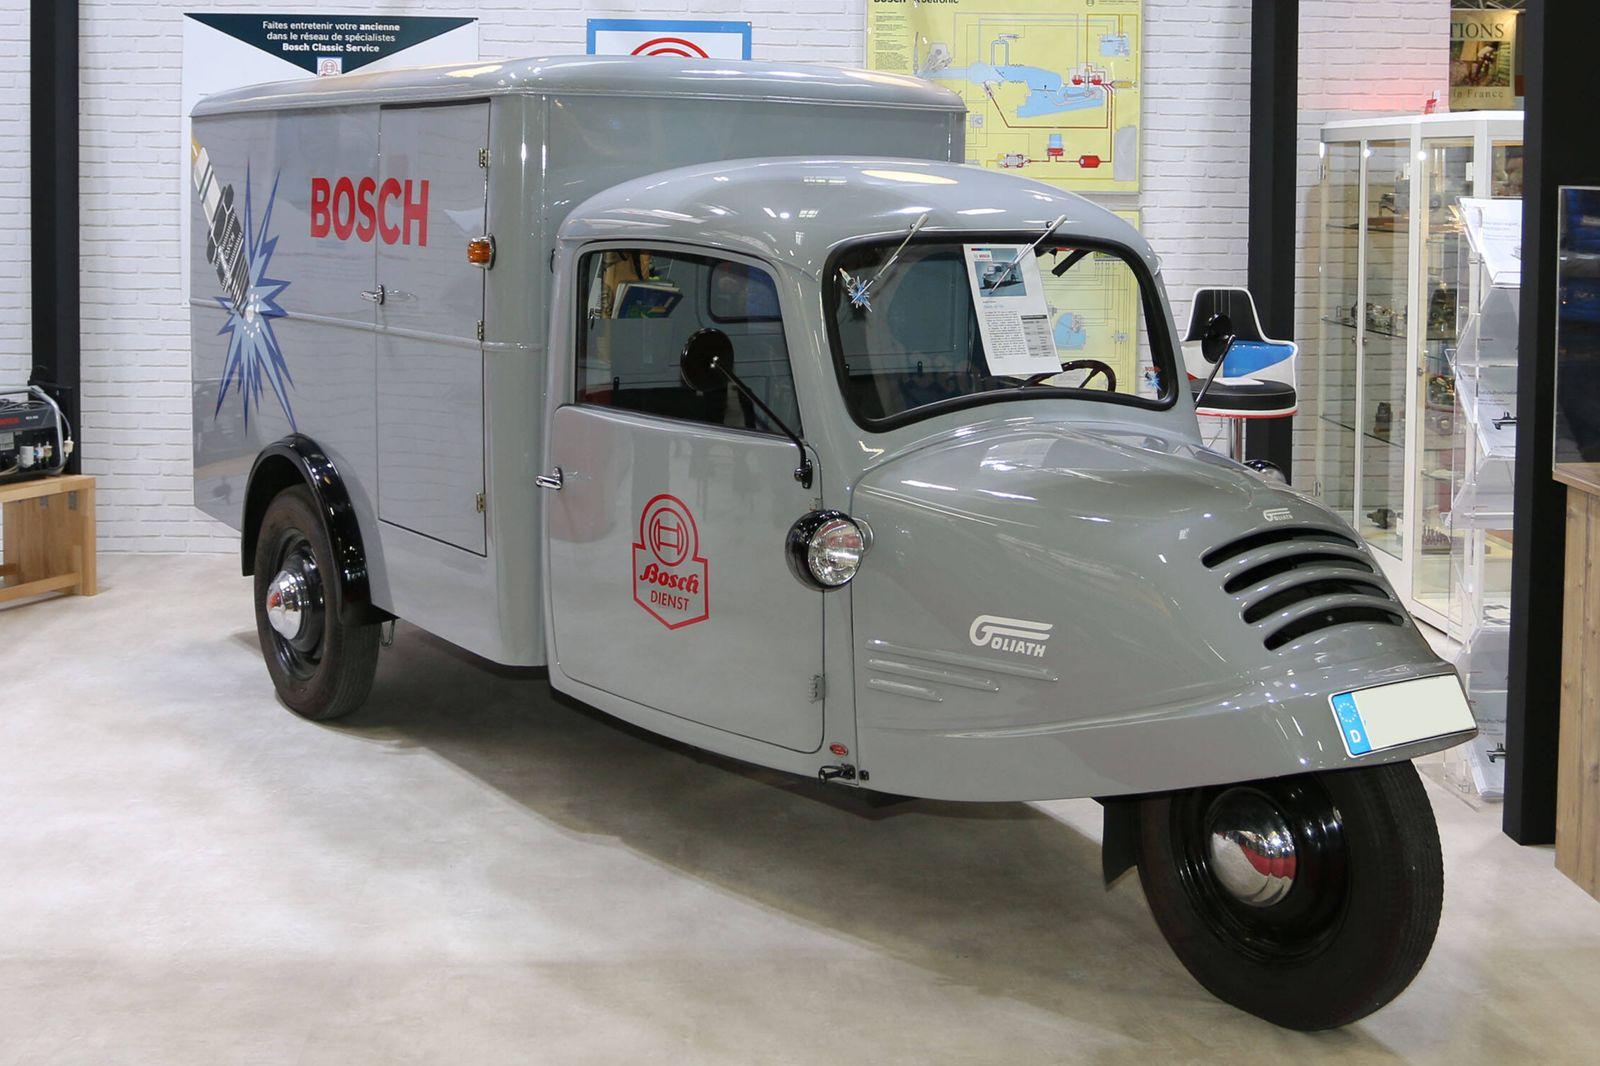 Werbefahrzeug Goliath GD 750 (Baujahr 1954) am Stand von Bosch Classic Service, 45. Salon Retromobile (05. - 09.02.2020)